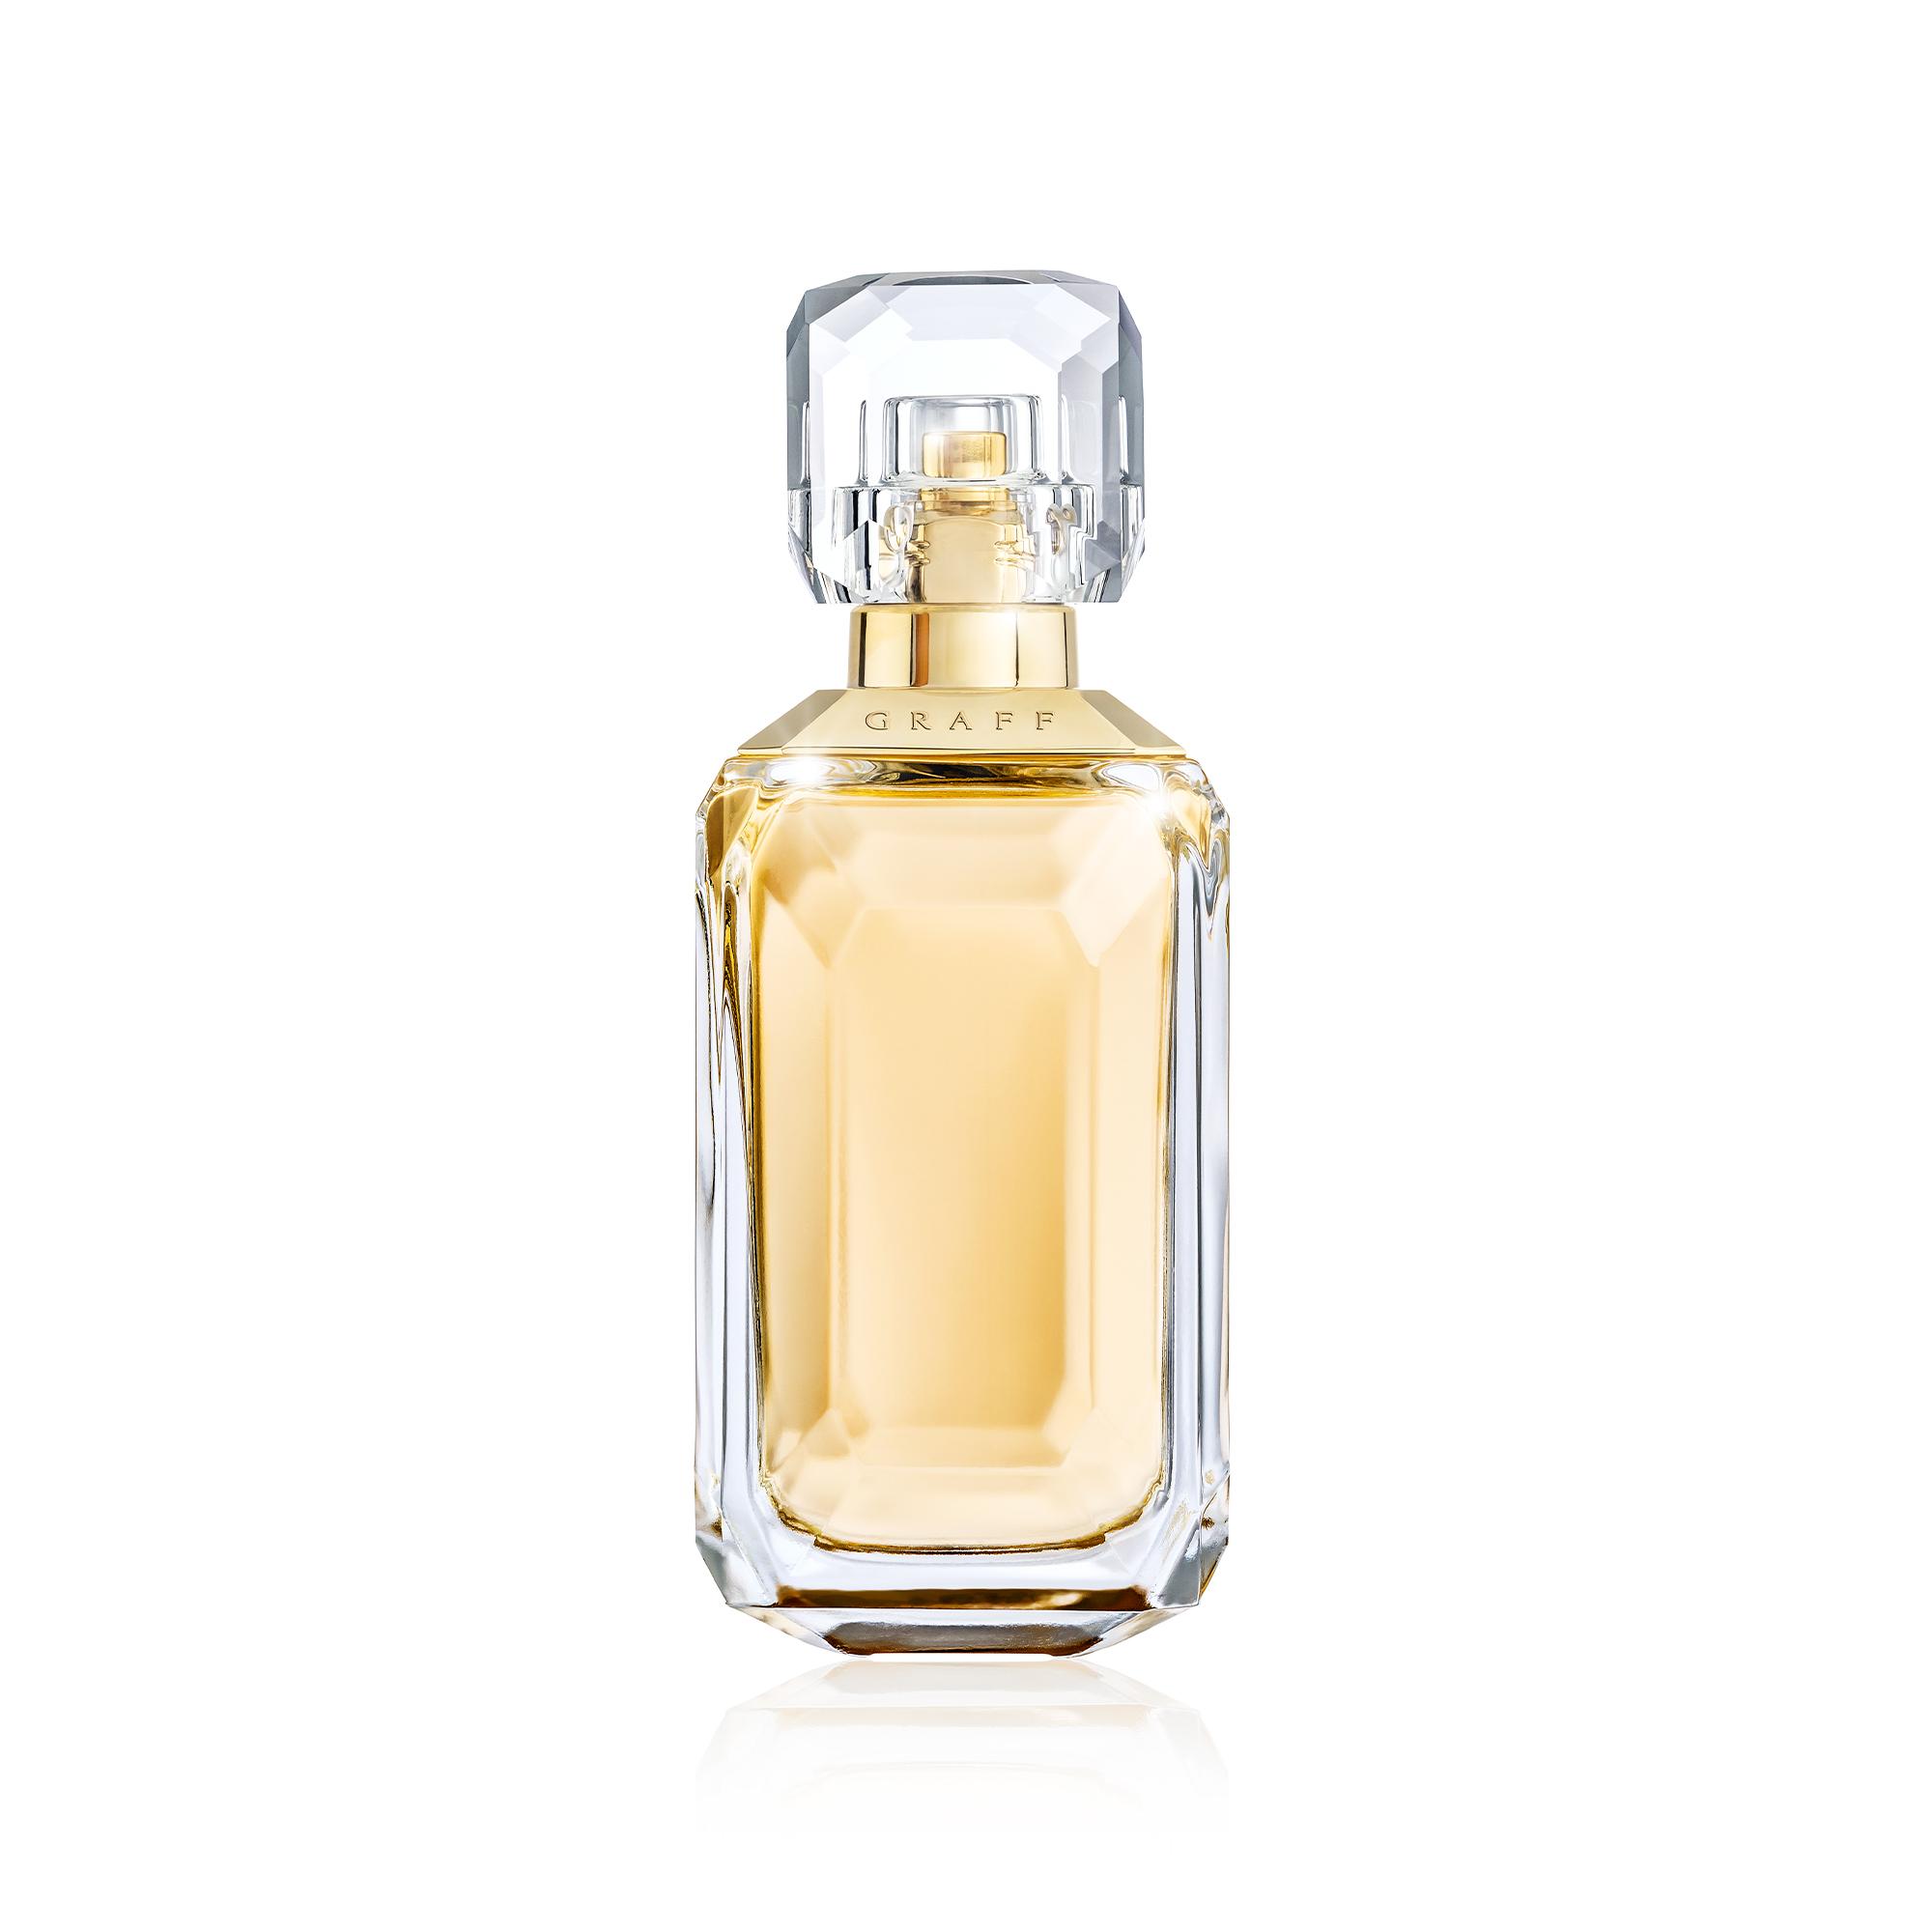 The-GRAFF-Fragrance-Collection-Lesedi-La-Rona-V-